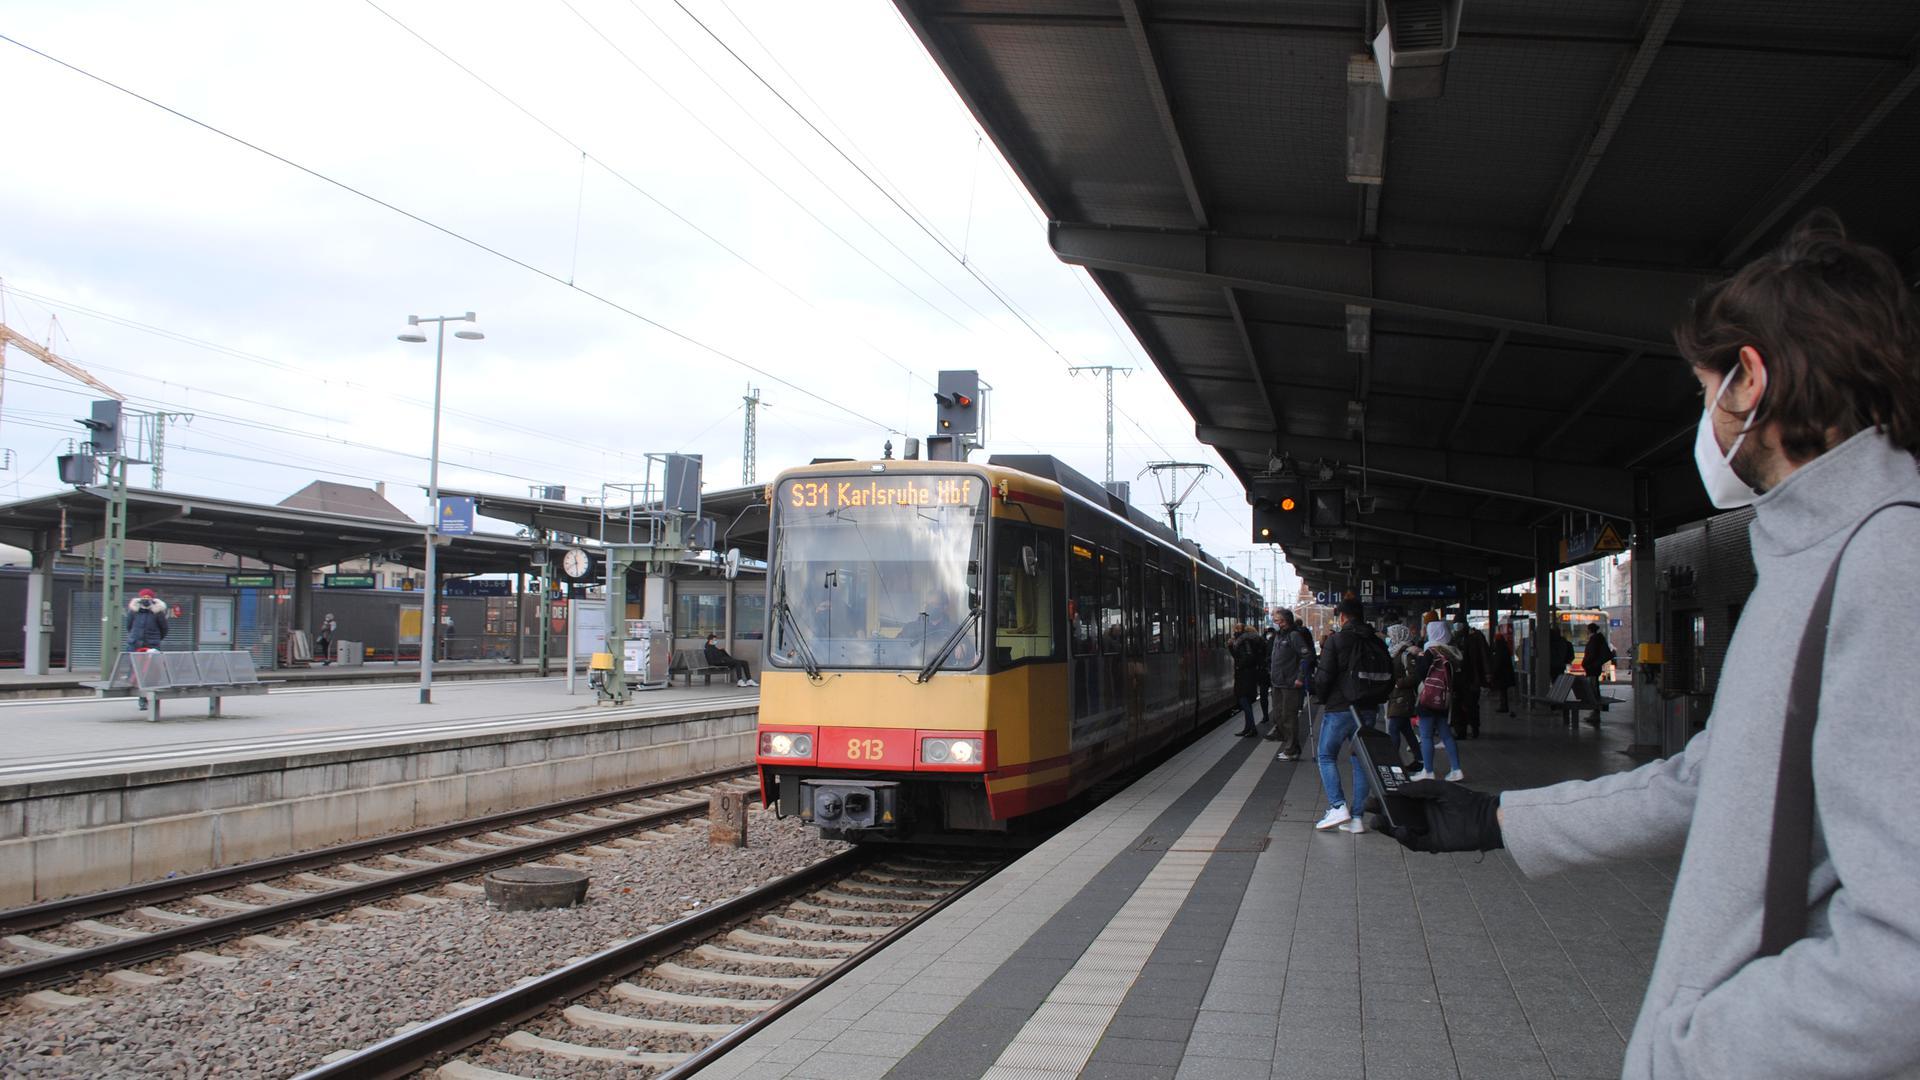 Benedikt Kohout misst die Lautstärke der haltenden S-Bahn am Bruchsaler Bahnhof